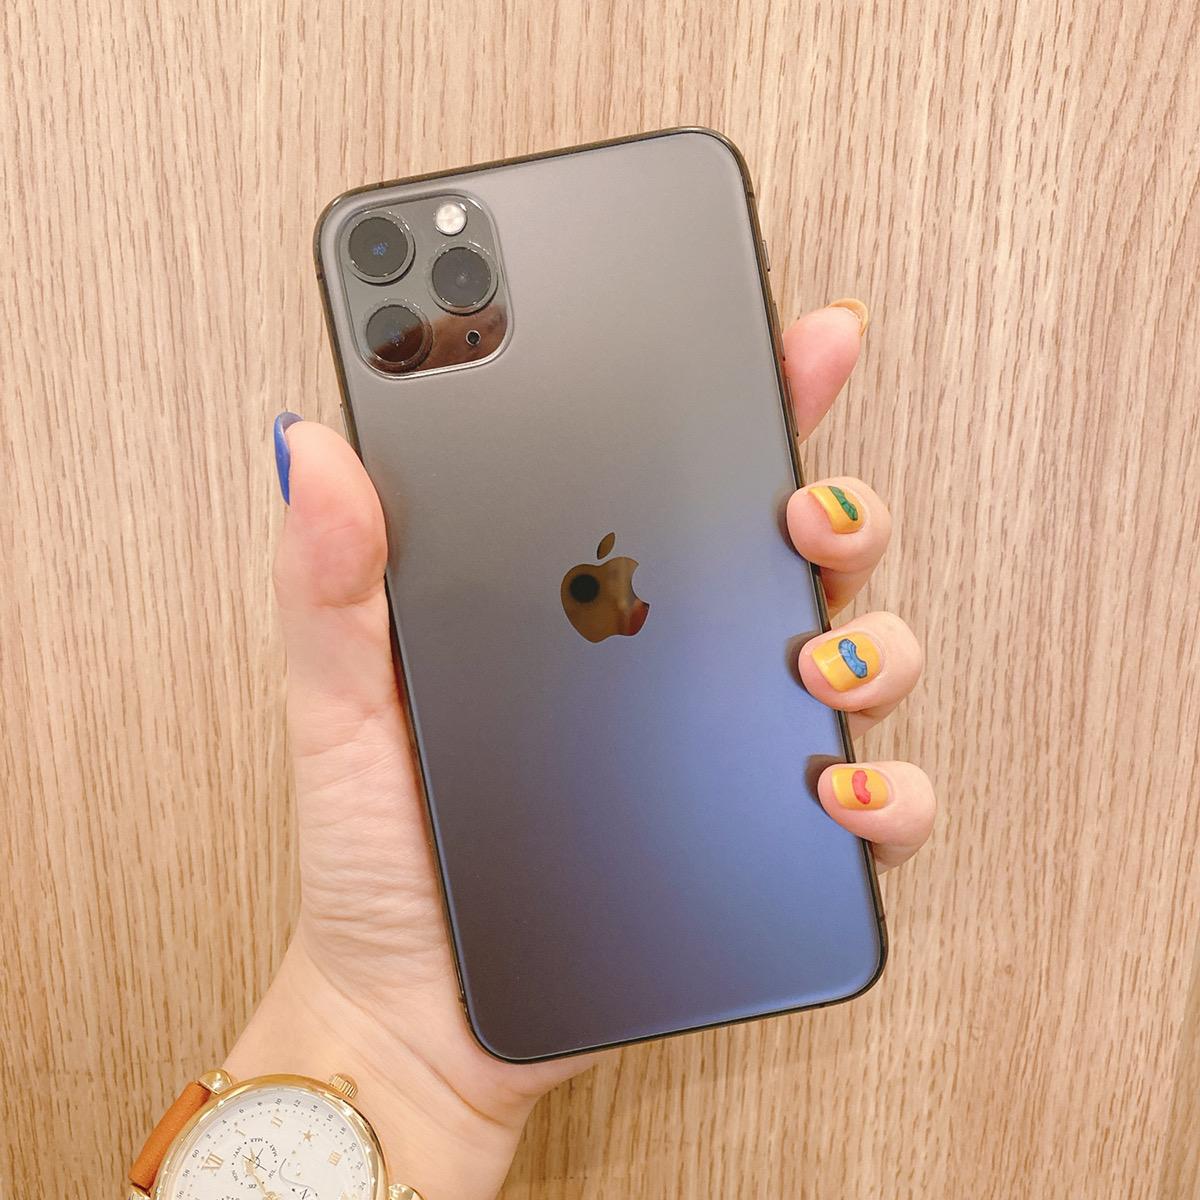 iPhone11Pro Max 256GB スペースグレー au△ 中古